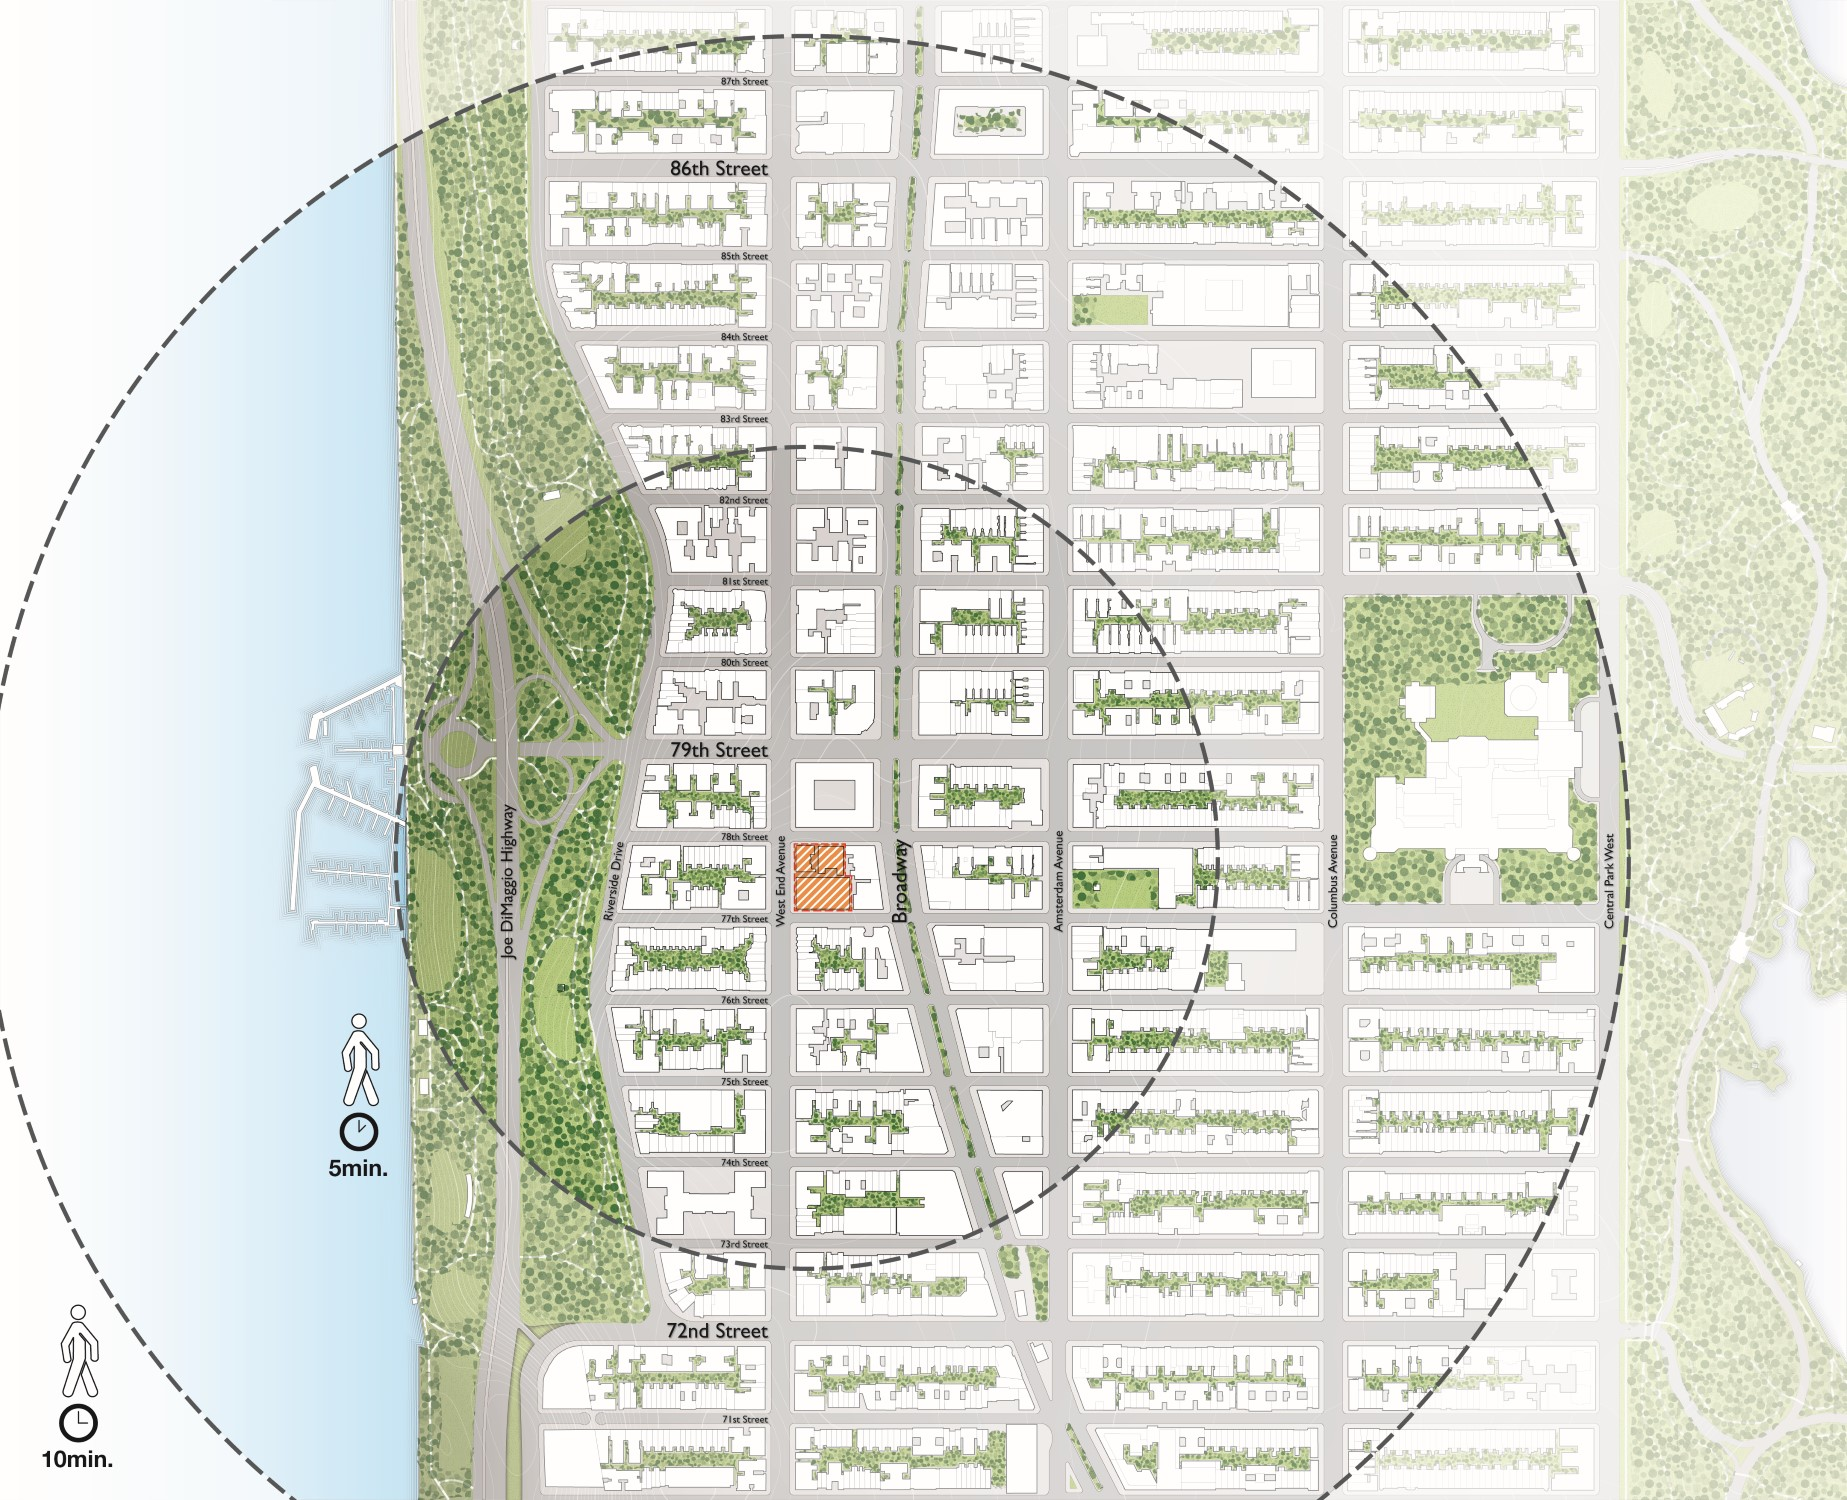 WestEnd_MapDistance.jpg